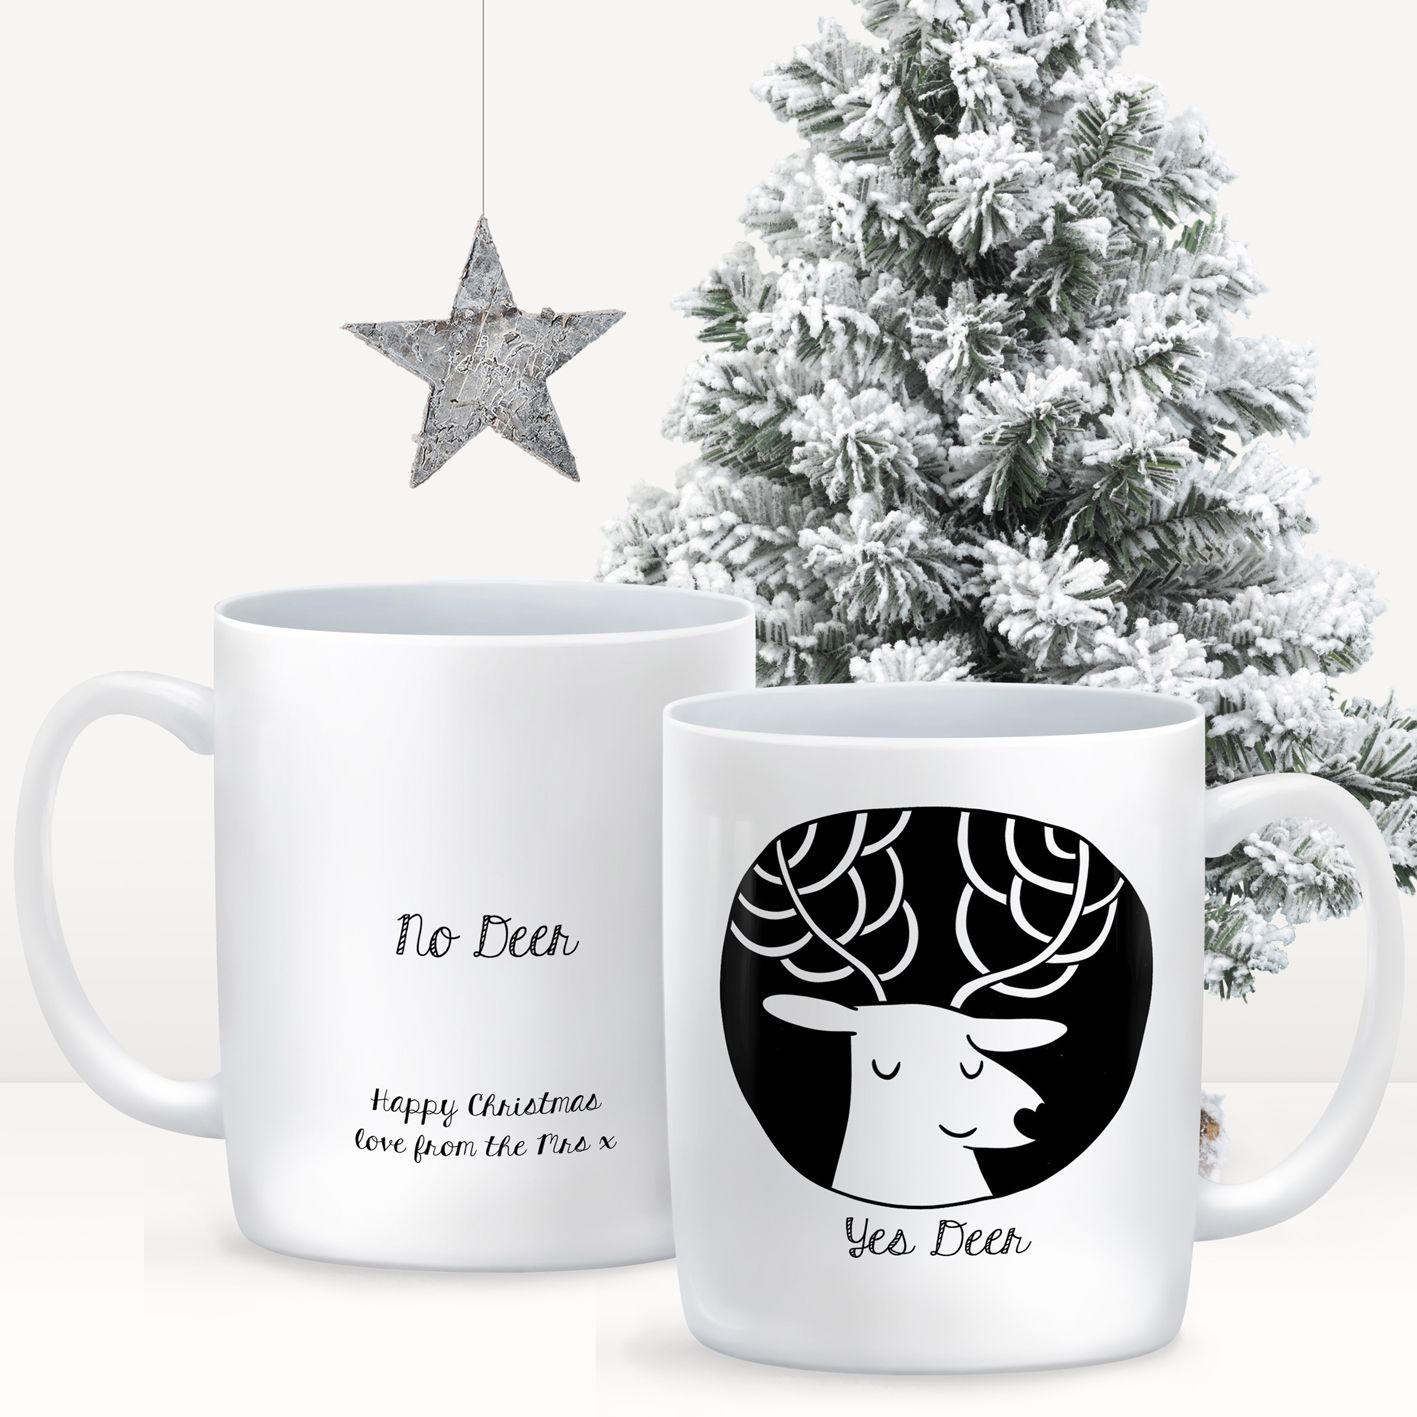 Yes Deer, No Deer, Personalised christmas mug gifts This fun ...